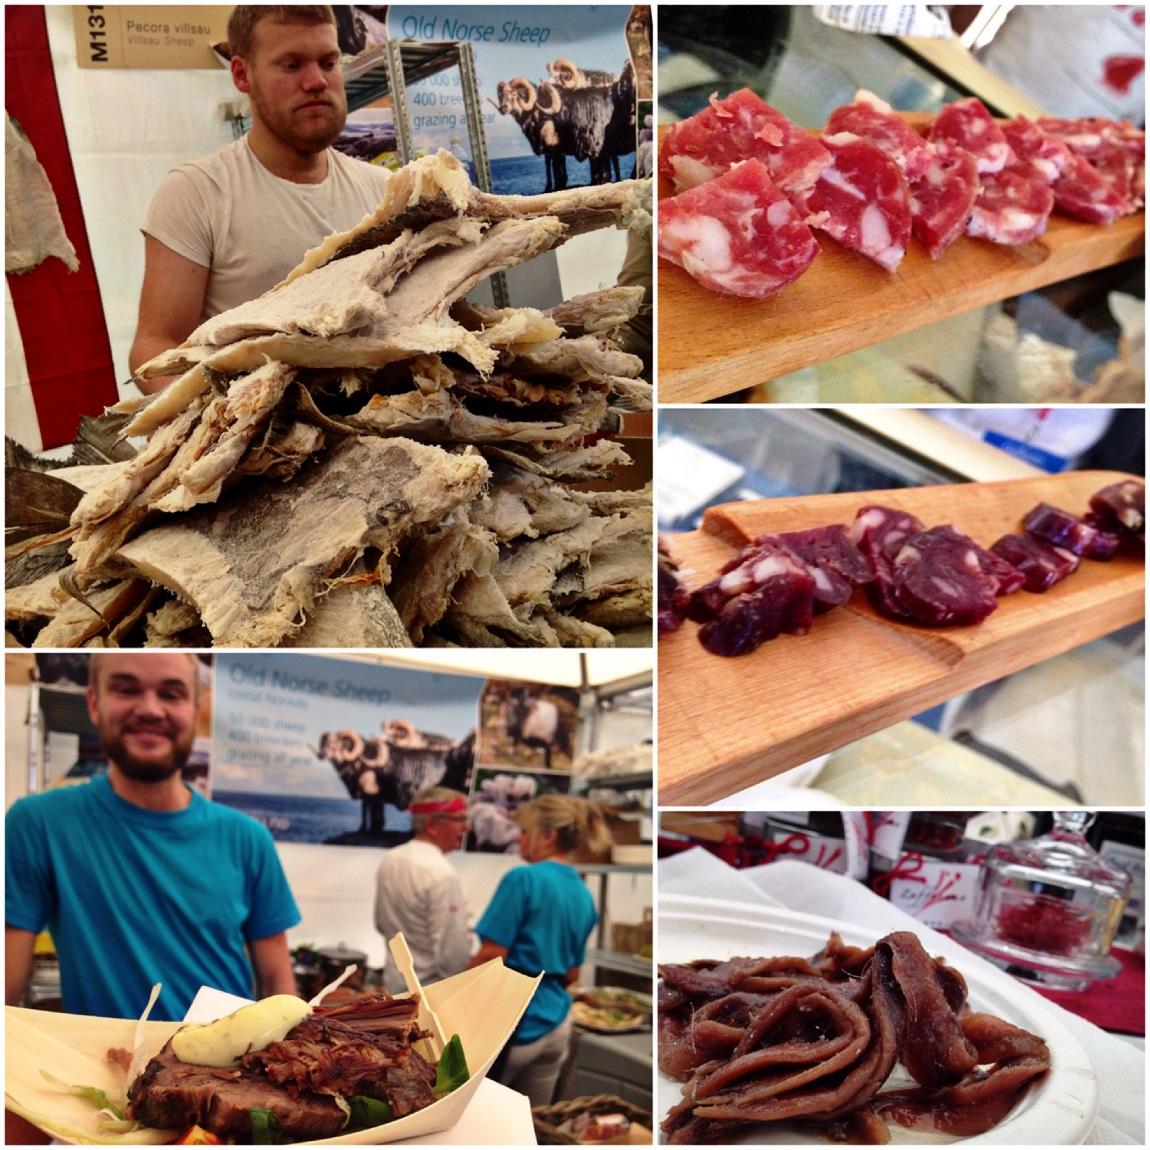 Halak és húsok: norvég sózott-szárított tőkehal, alatta szintén norvég vadjuh-szeletek, jobbra olasz borjúszalámik, illetve fűszeres albán halfalatok.